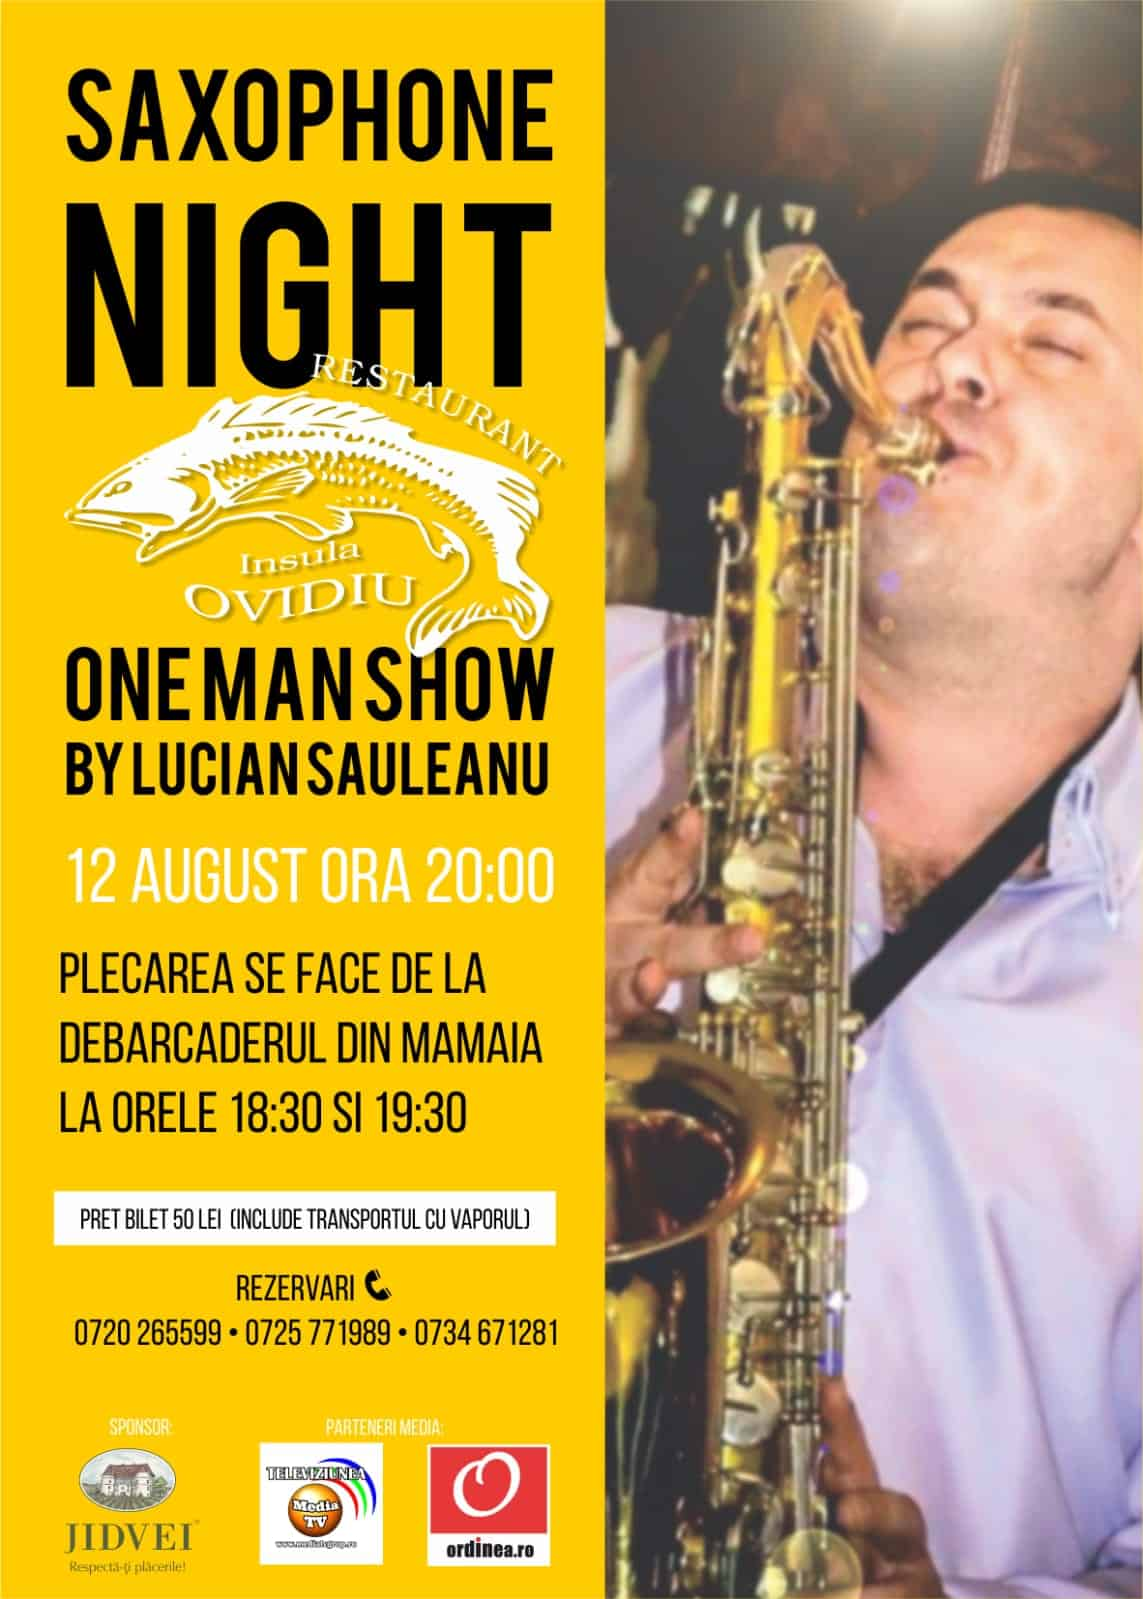 Saxophone Night pe Insula Ovidiu